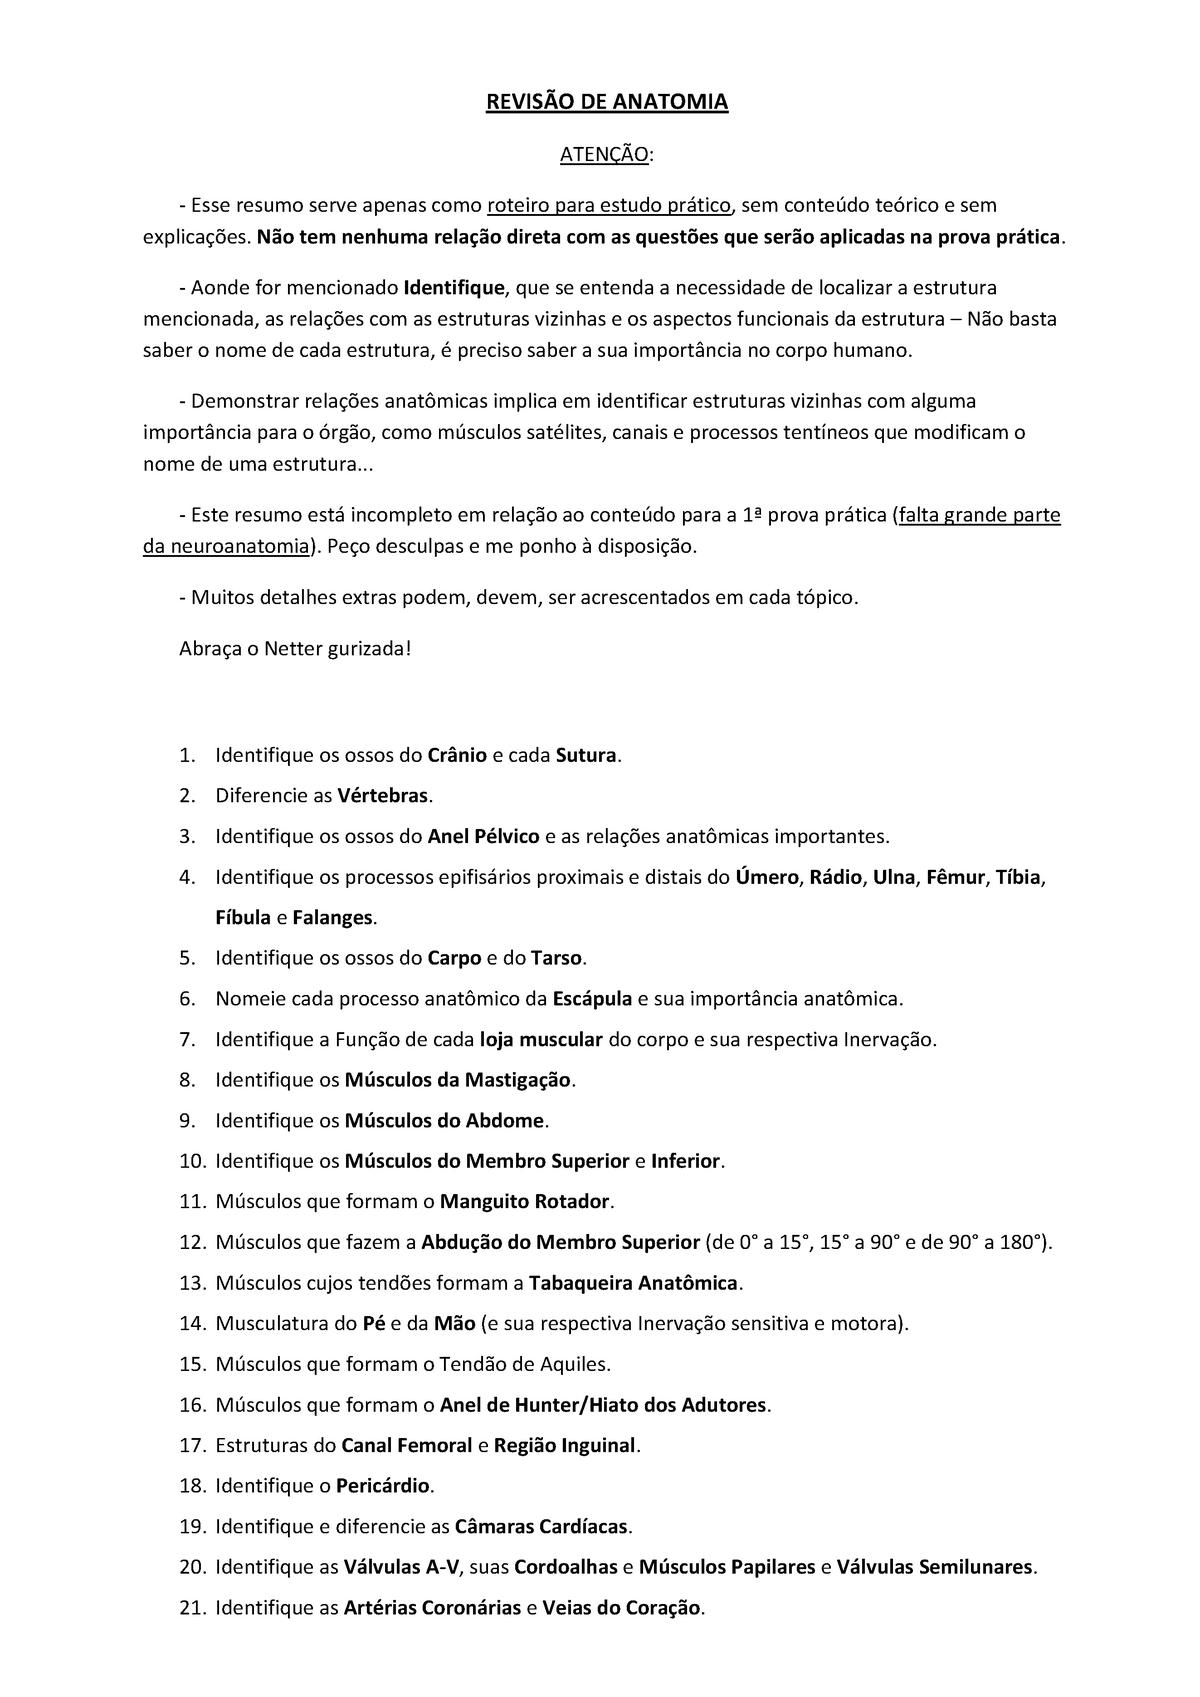 Revisão de Anatomia I - Unidade Morfológica MOR0256B - UCS